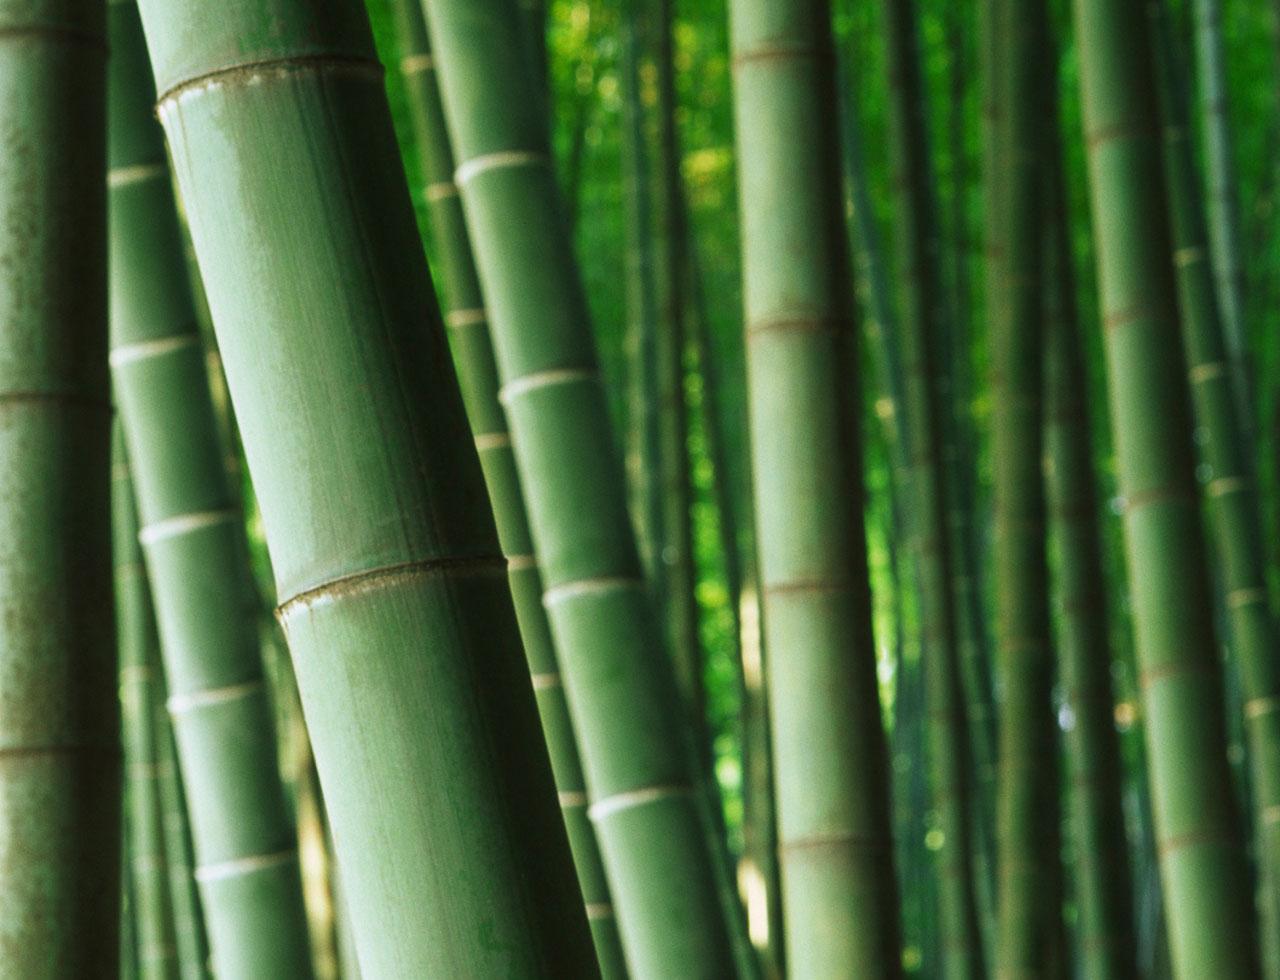 klader_av_bambu